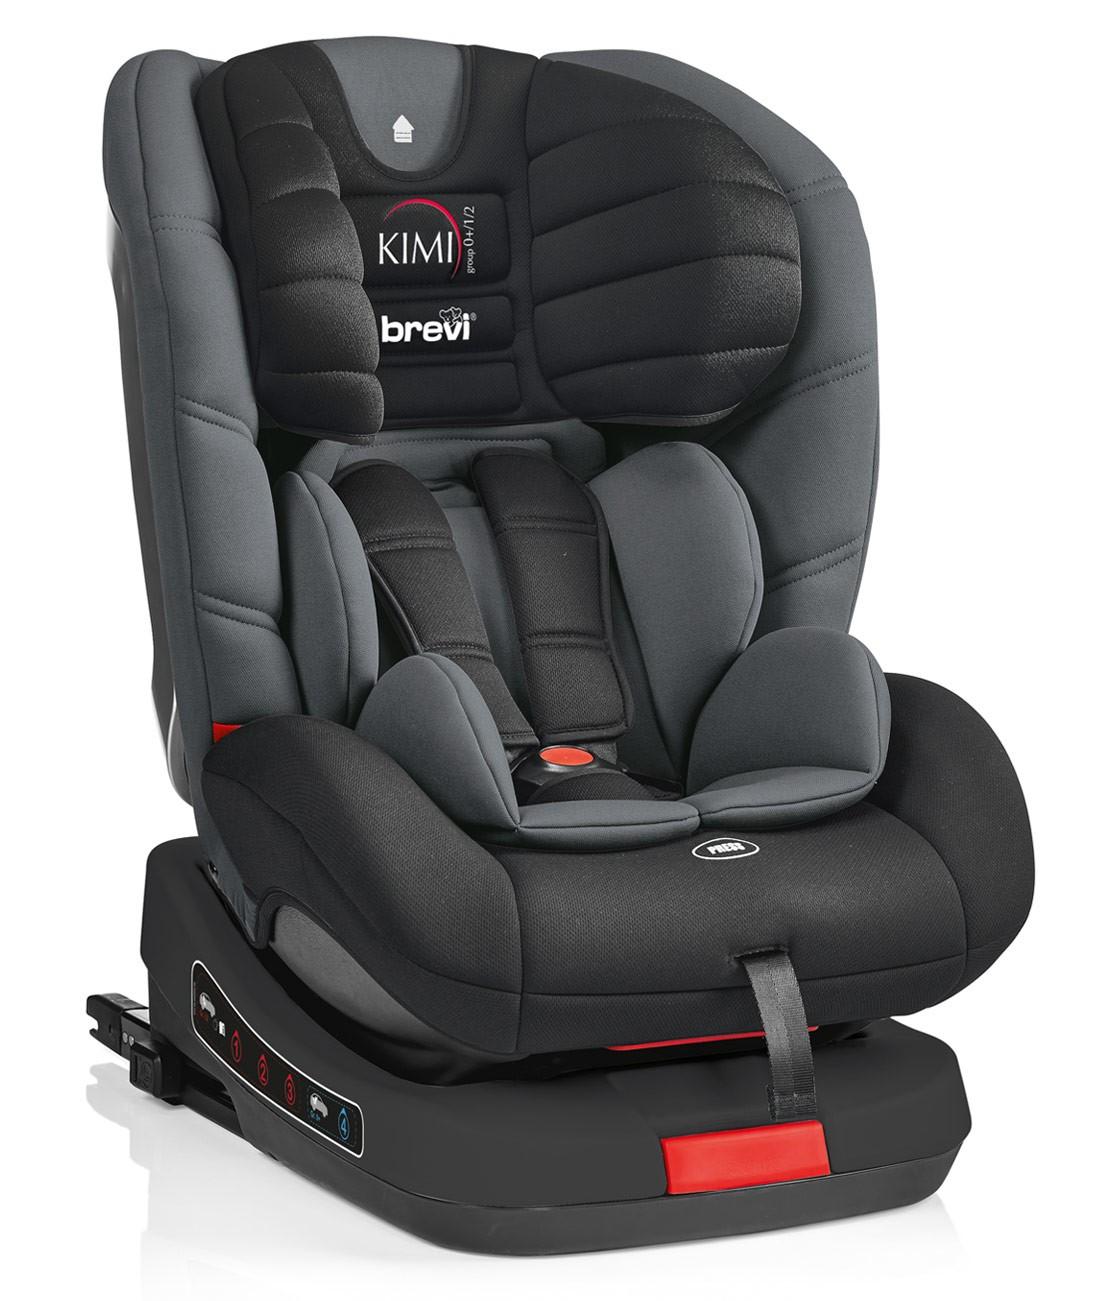 Silla de Auto Kimi Isofix Brevi Negro